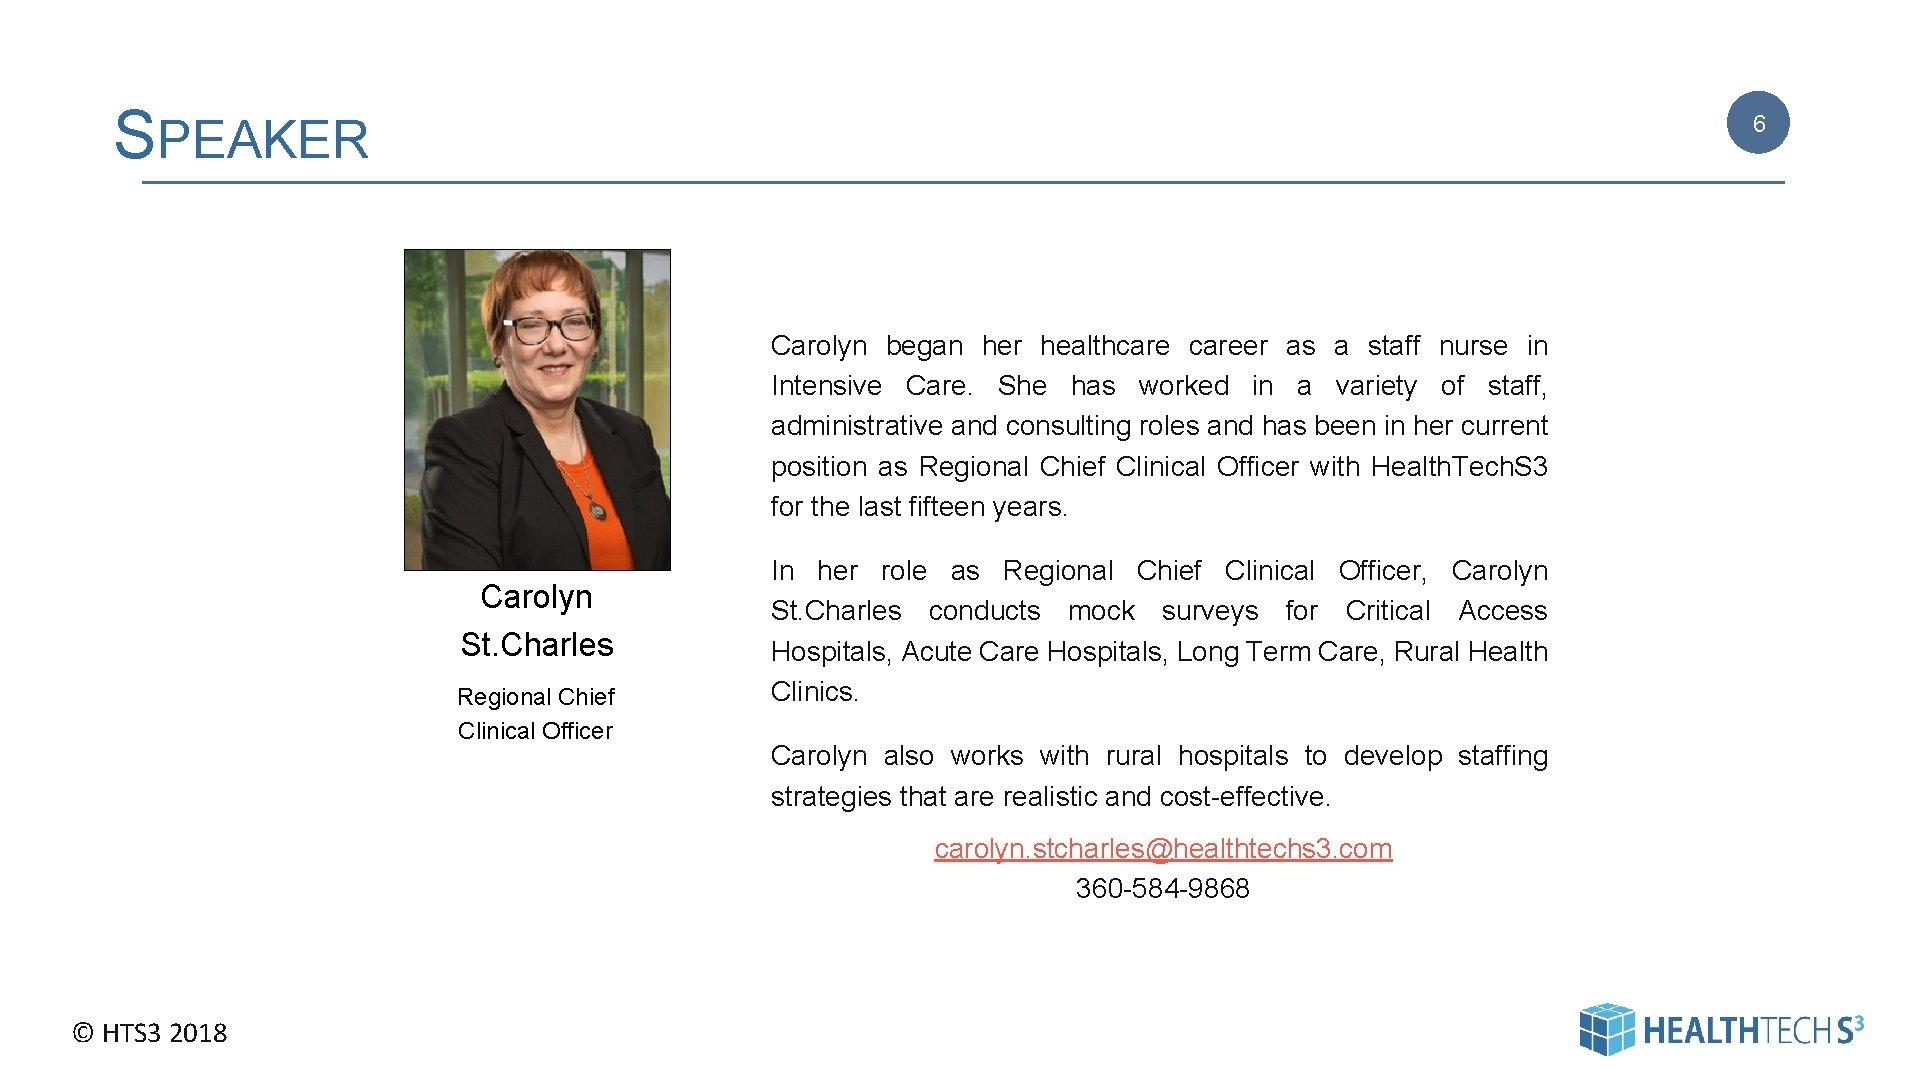 SPEAKER 6 Carolyn began her healthcareer as a staff nurse in Intensive Care. She